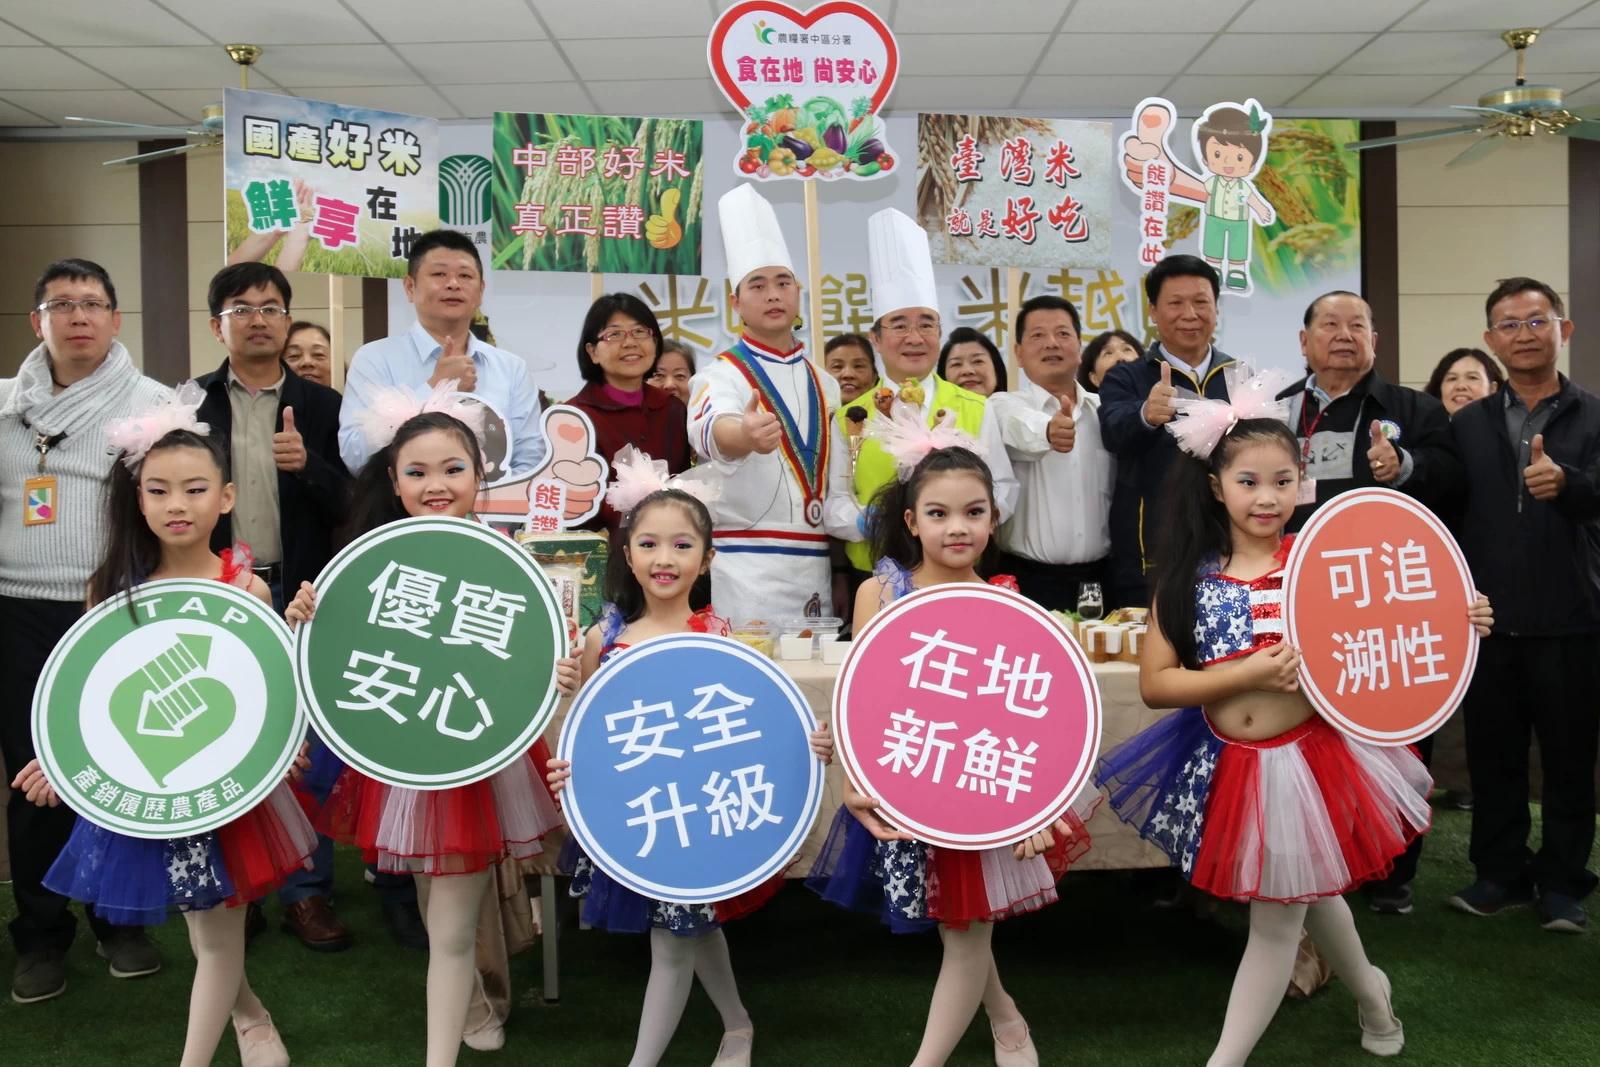 影/農糧署推動米食文化 8道米食料理輕鬆上桌